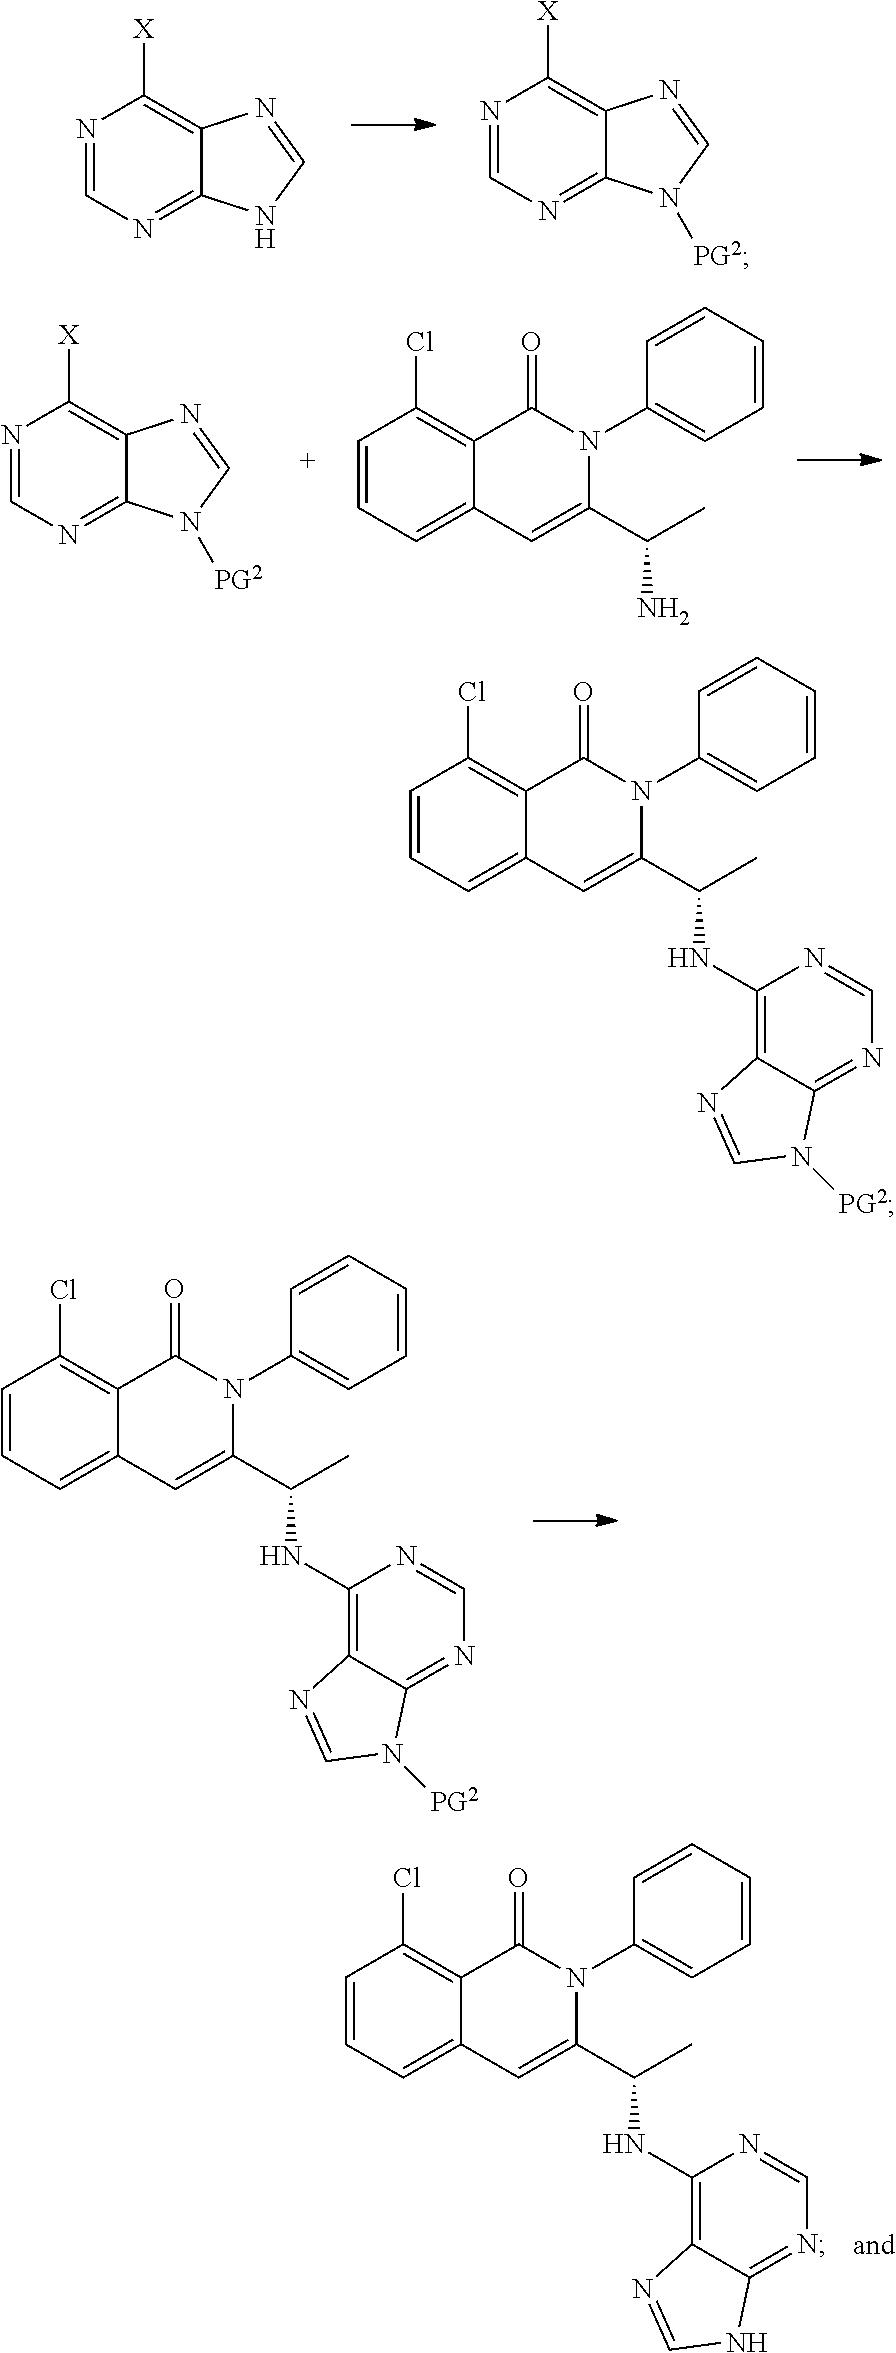 Figure US09840505-20171212-C00004